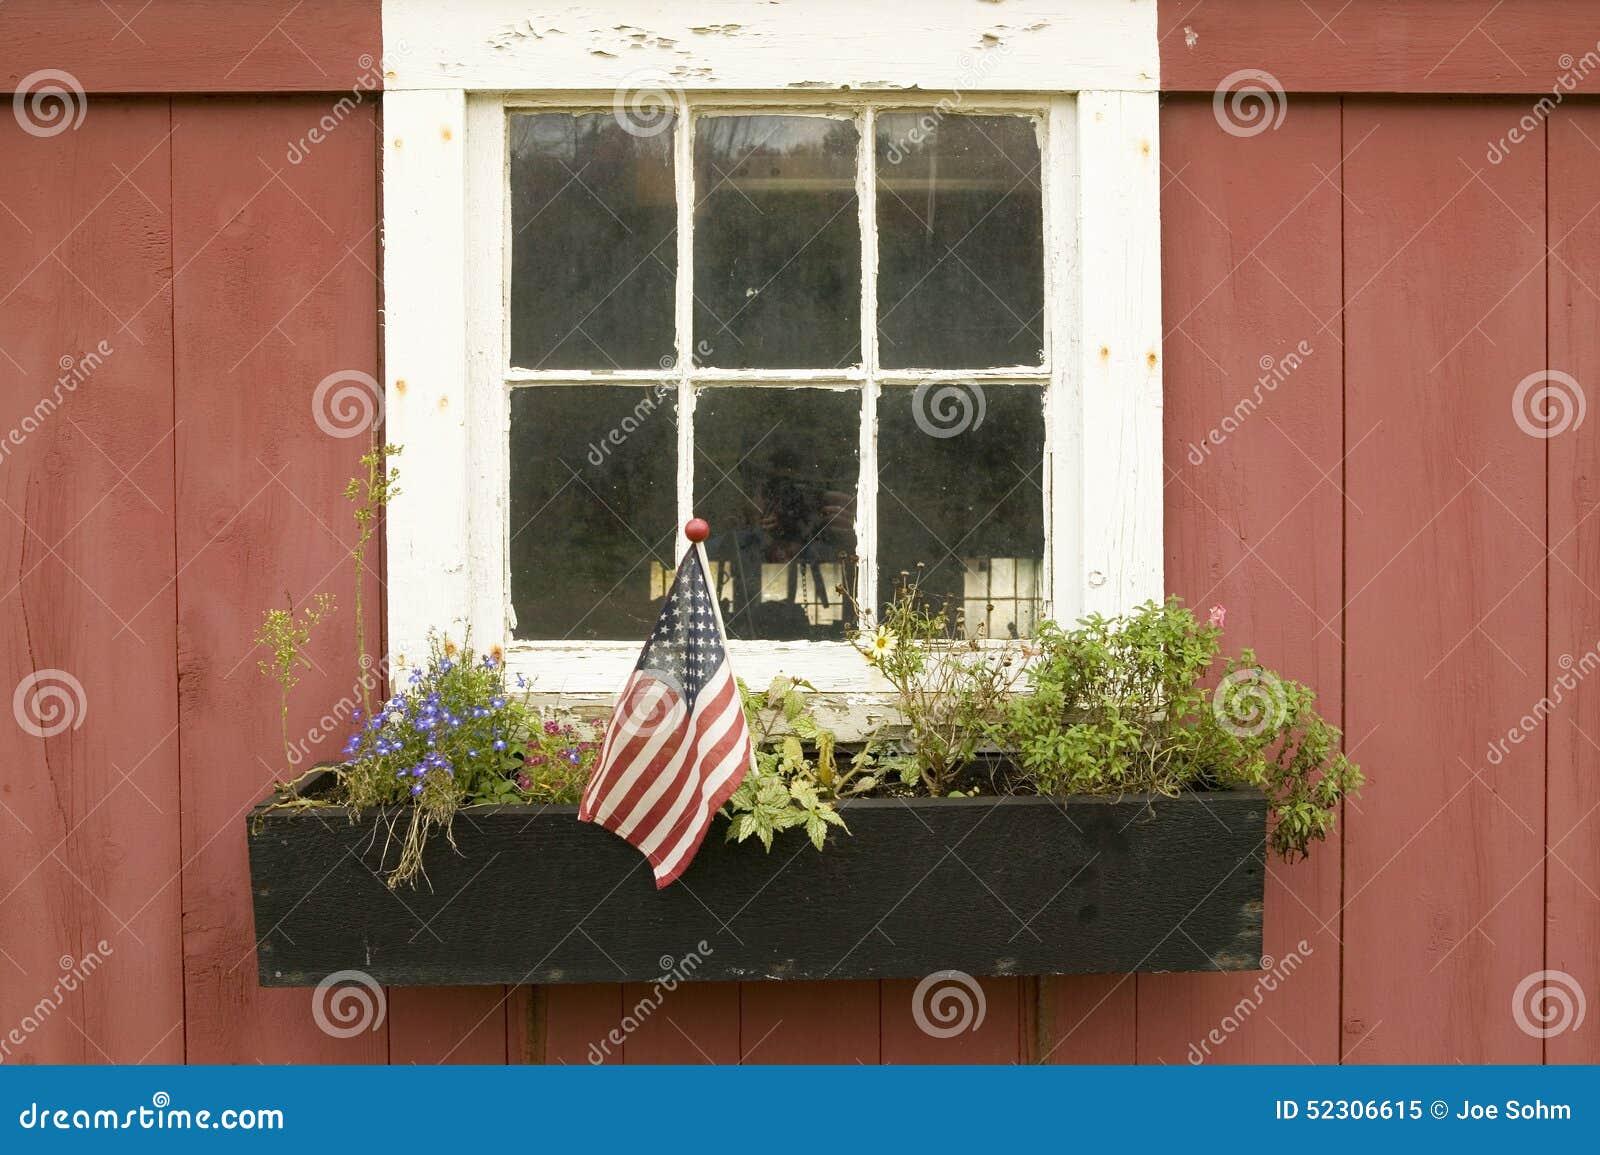 Amerikanische Flagge weg angezeigt im Blumentopf des Hausfensters von Manchester-Straße, St. Louis County, Missouri